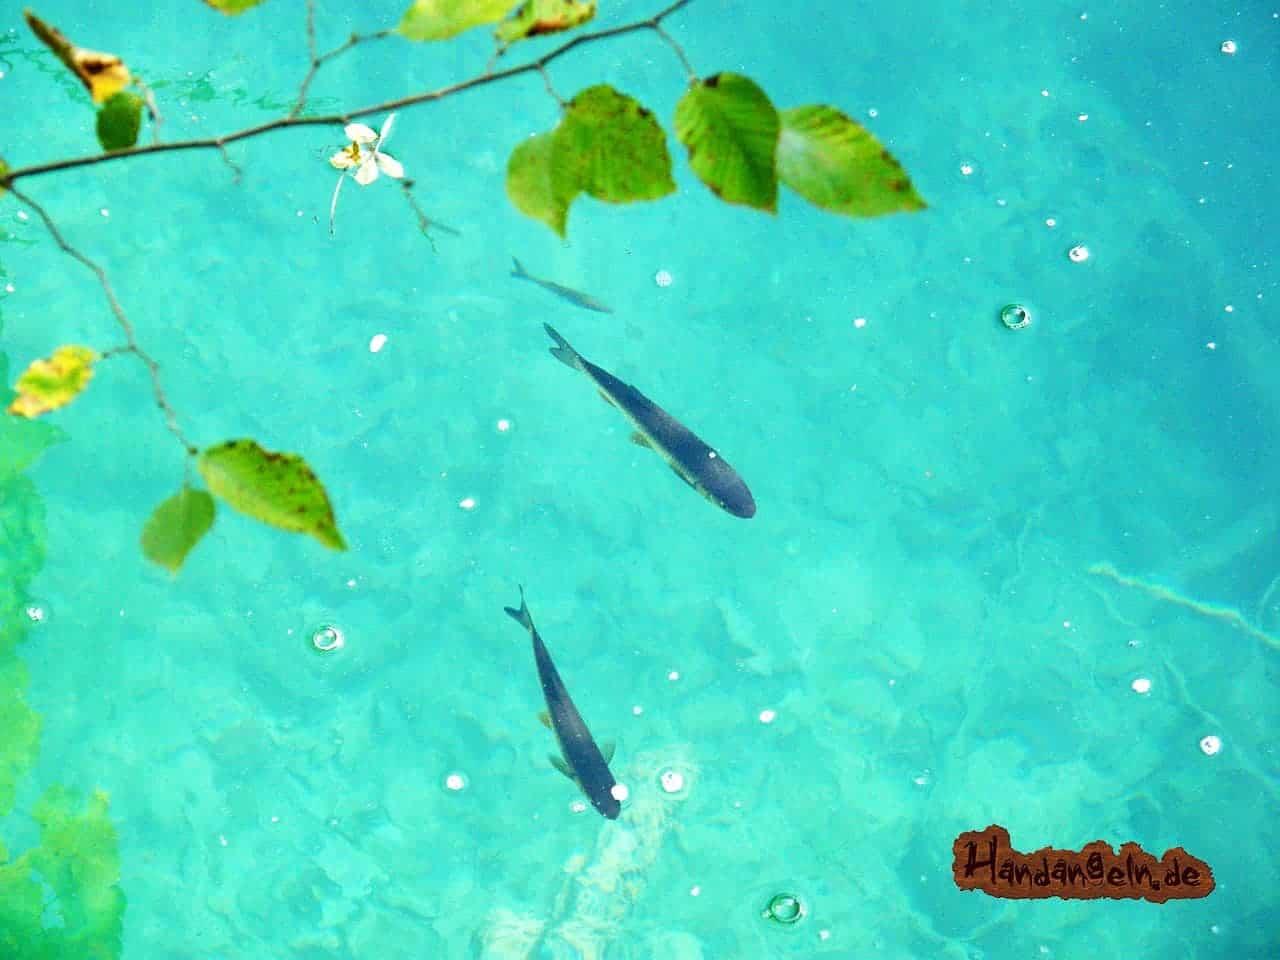 Forellenangeln See Ausrüstung 3 Forellen klares Wasser